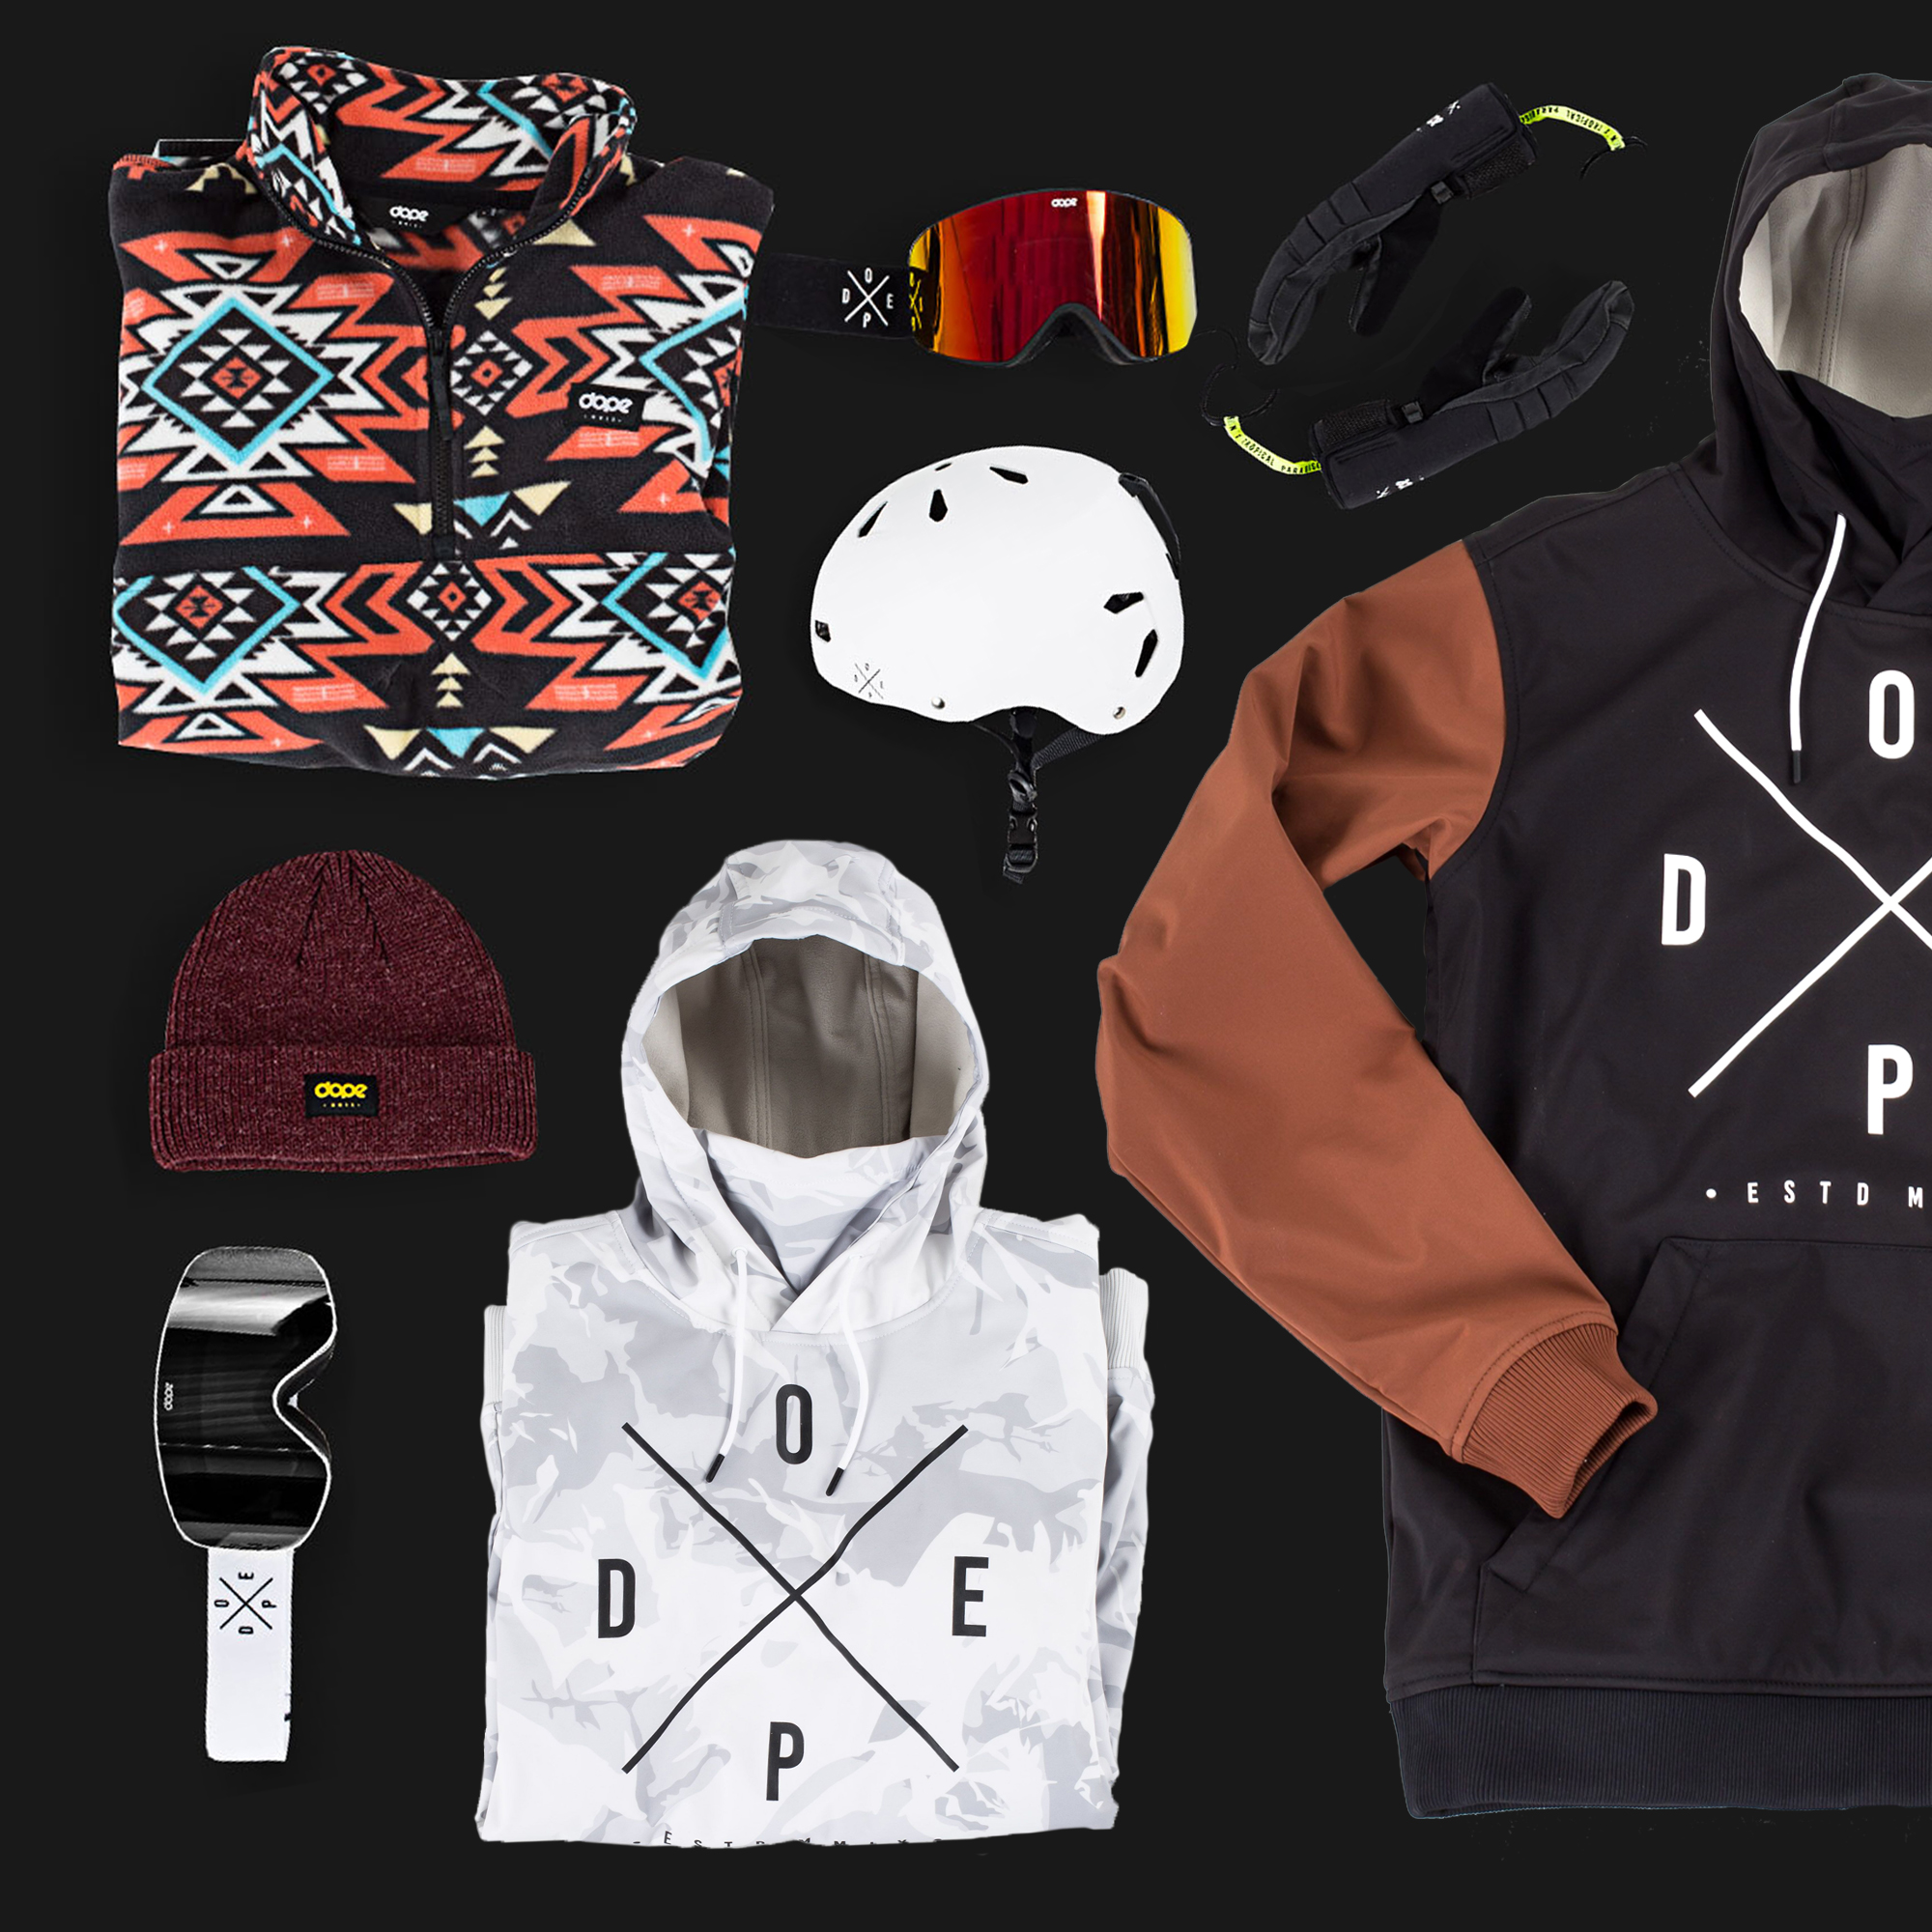 Aus Alten Sachen Schönes Machen Deko Frisch Ridestore Streetwear Snowboard Ski Outdoor